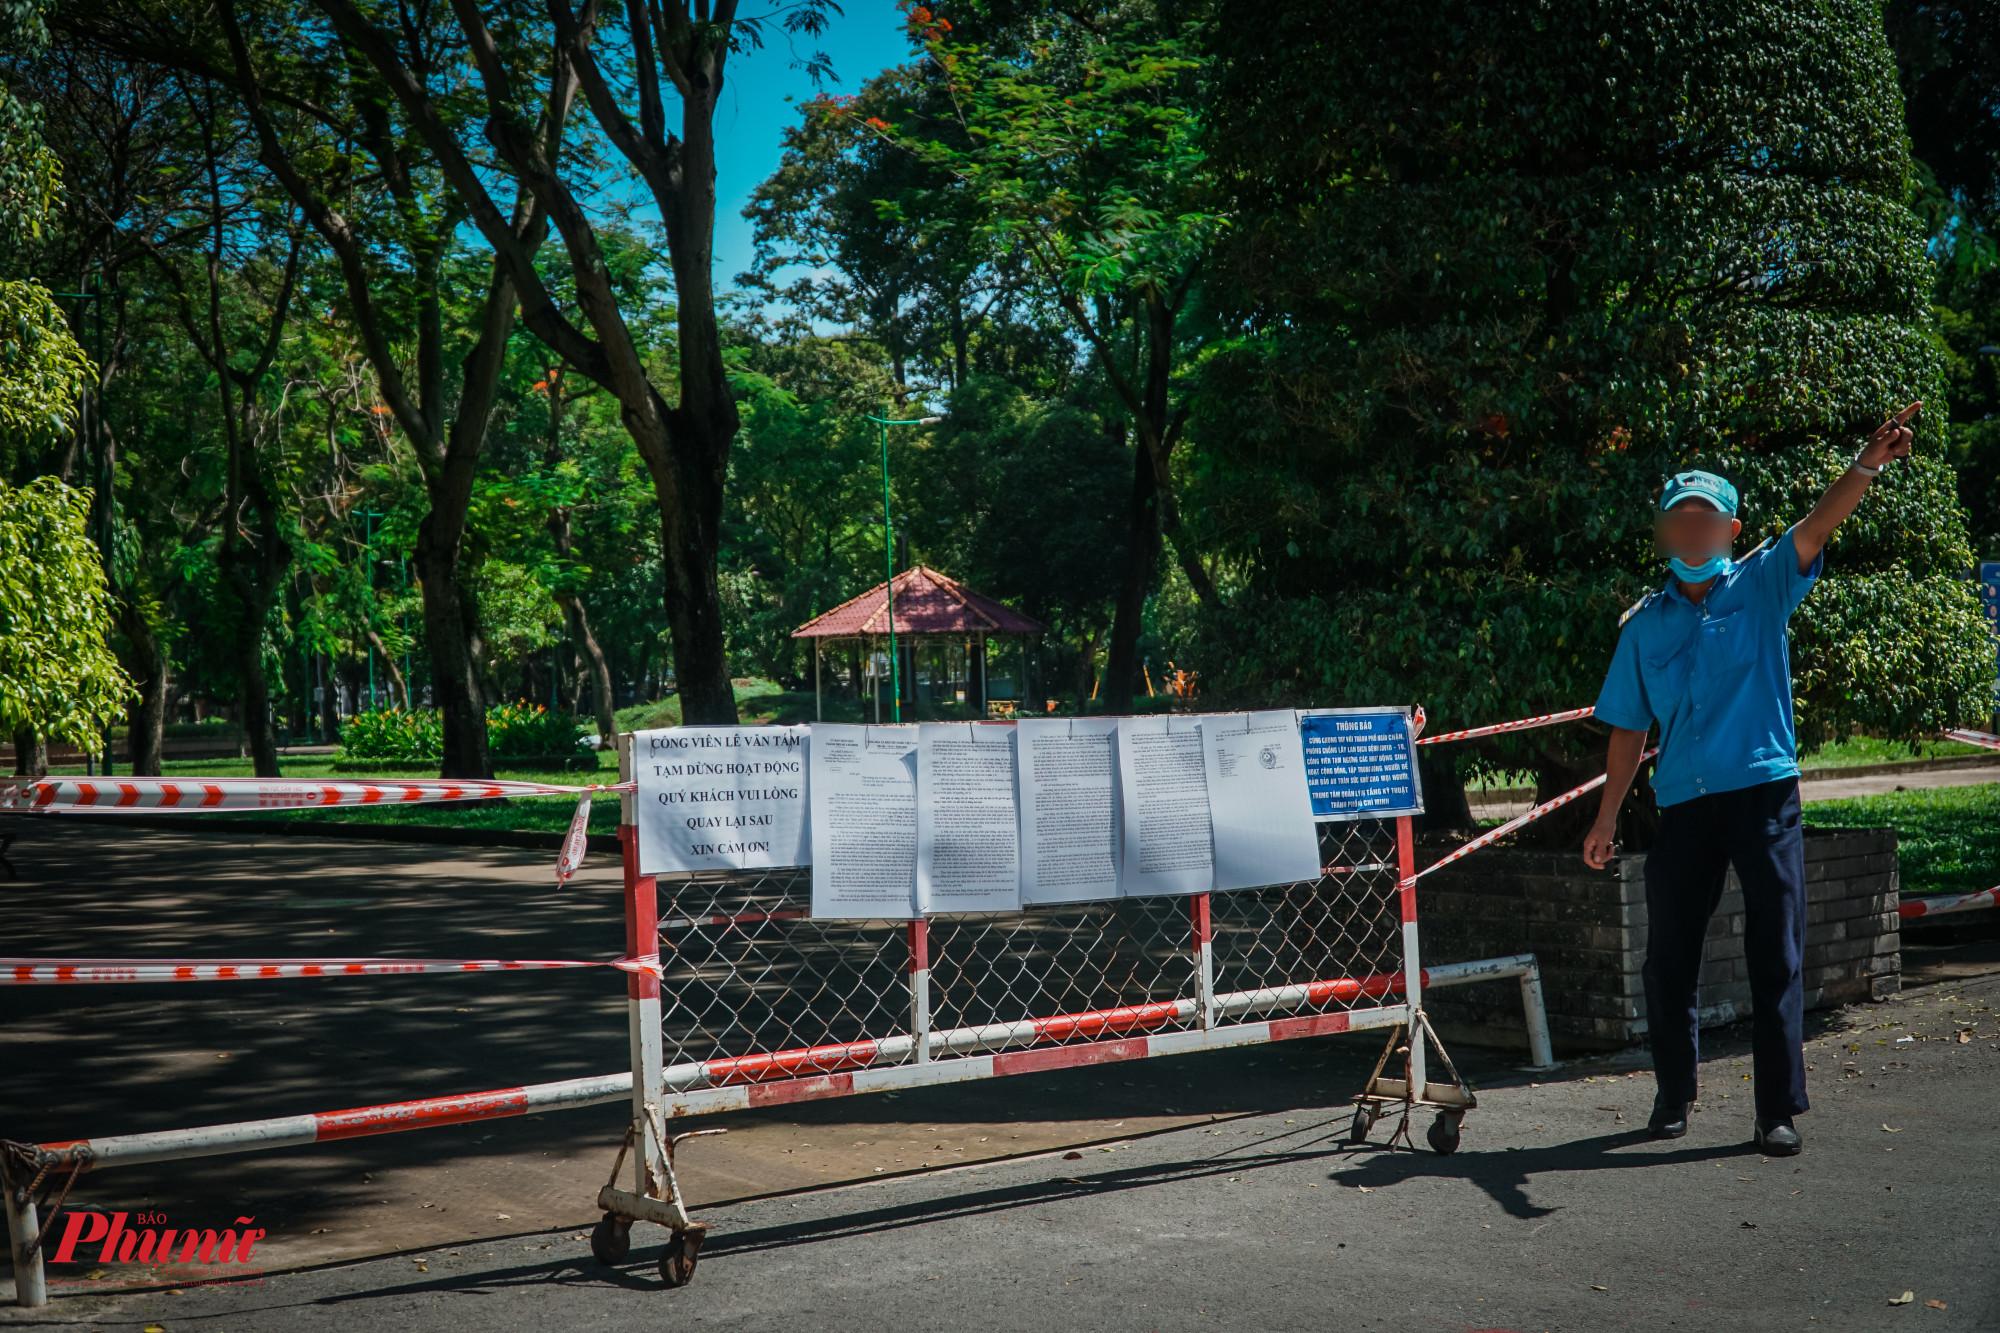 Lực lượng bảo vệ nhắc nhở những trường hợp cố tình chui qua dây rào chắn, vào khuôn viên công viên